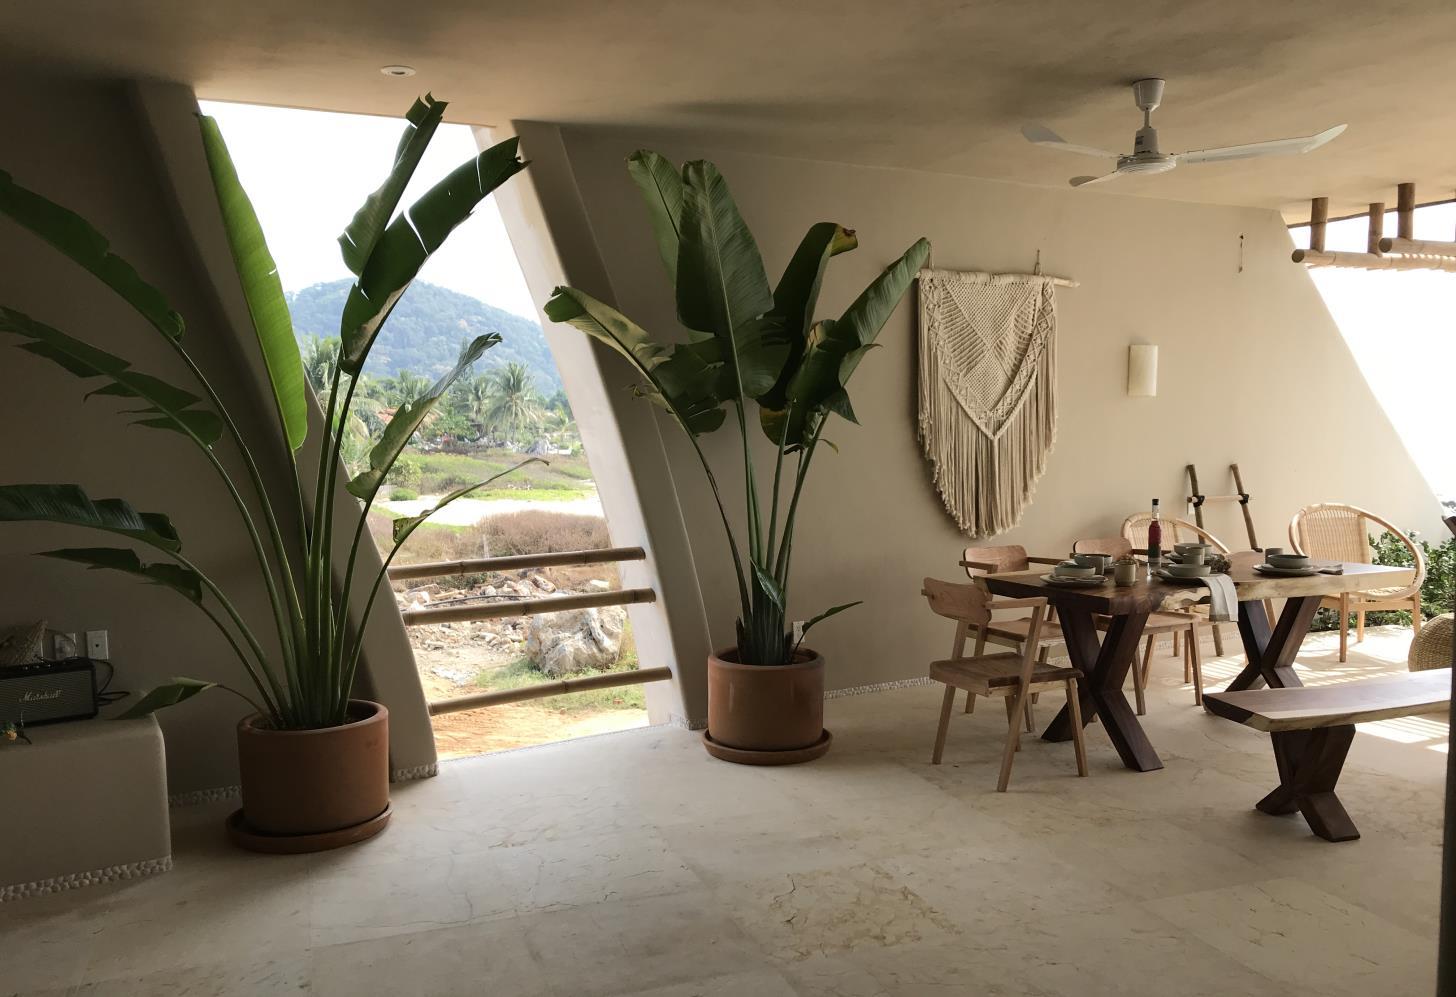 REPORTE-FOTOGRAFICO-PUNTA-MAJAHUA-NICOLE-23-DE-DICIEMBRE-DEL-2017-015.jpg